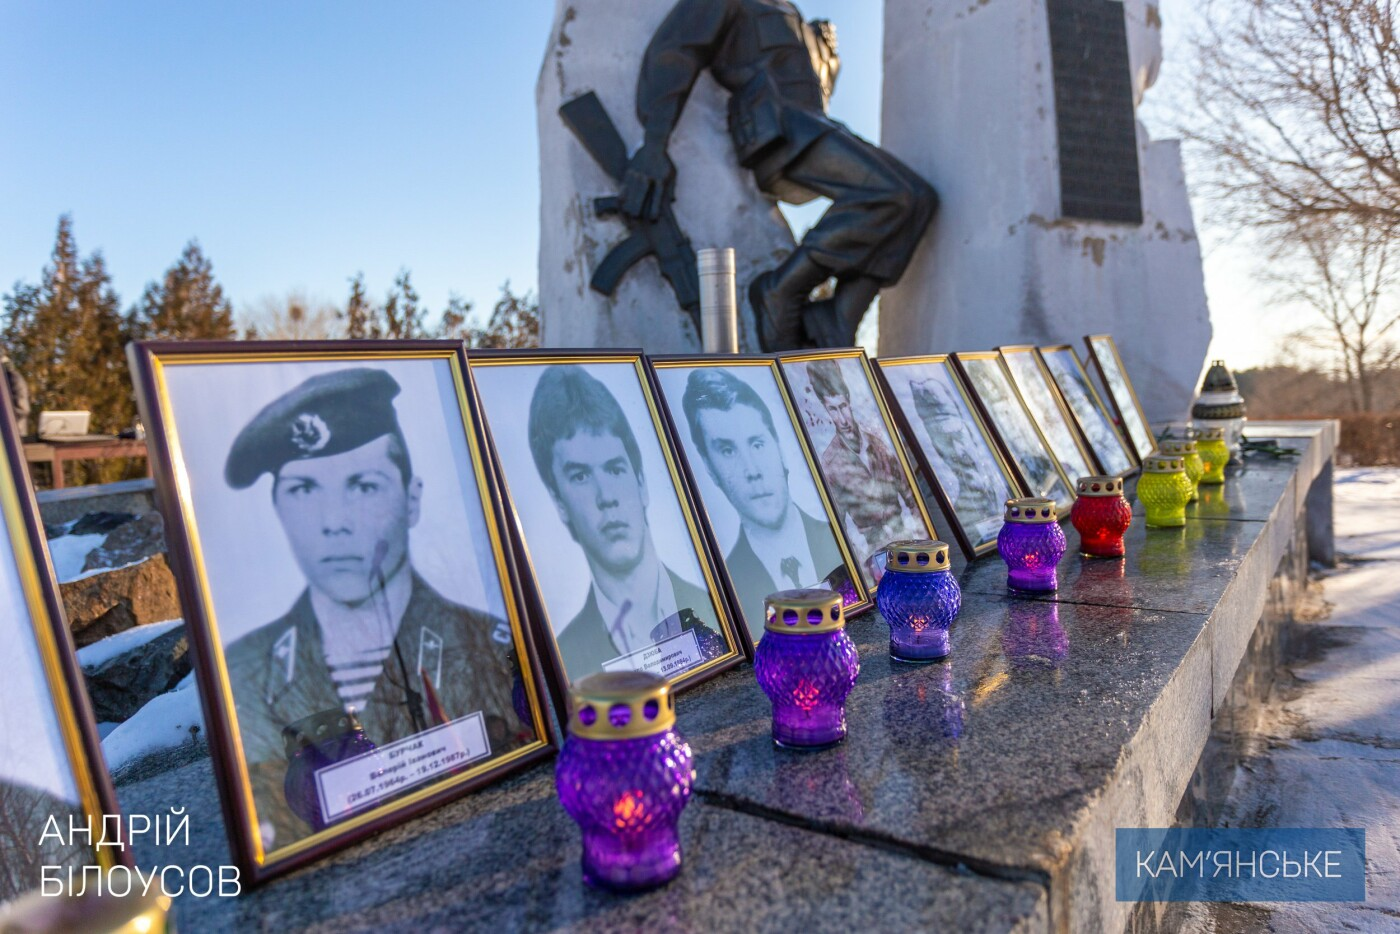 32-ю годовщину вывода войск из Афганистана отметили в Каменском, фото-1